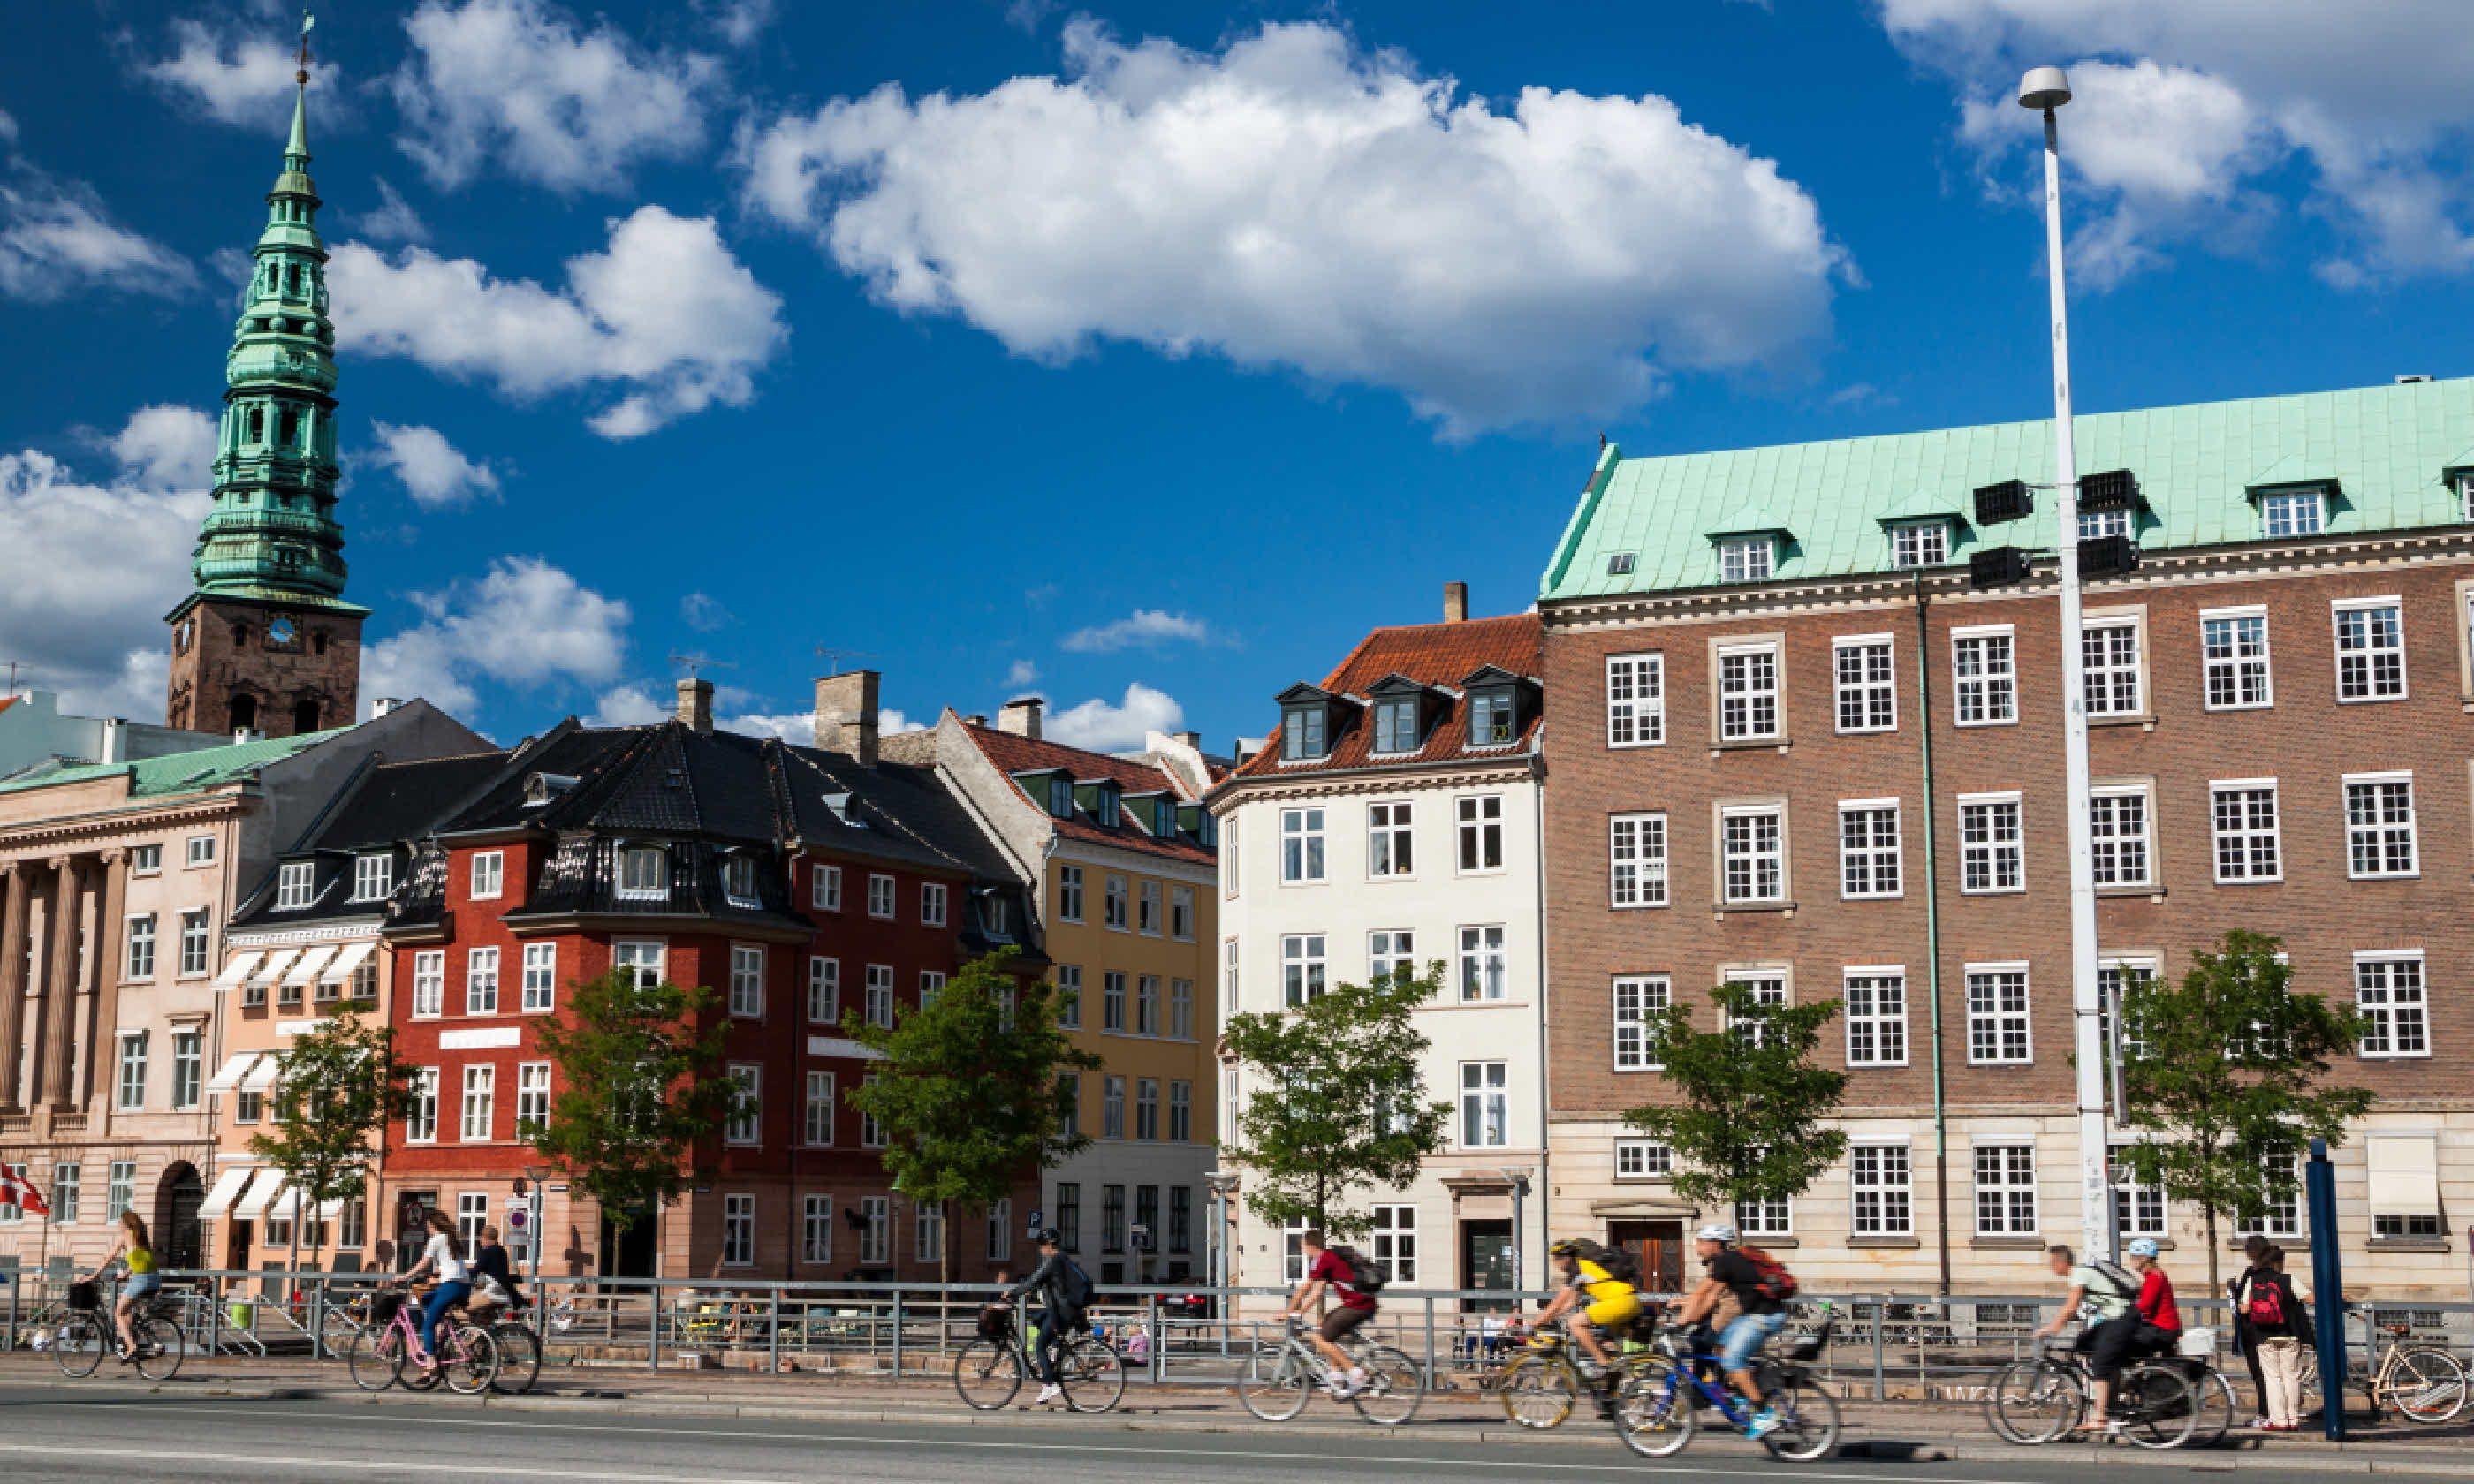 Copenhagen, Denmark (Shutterstock)